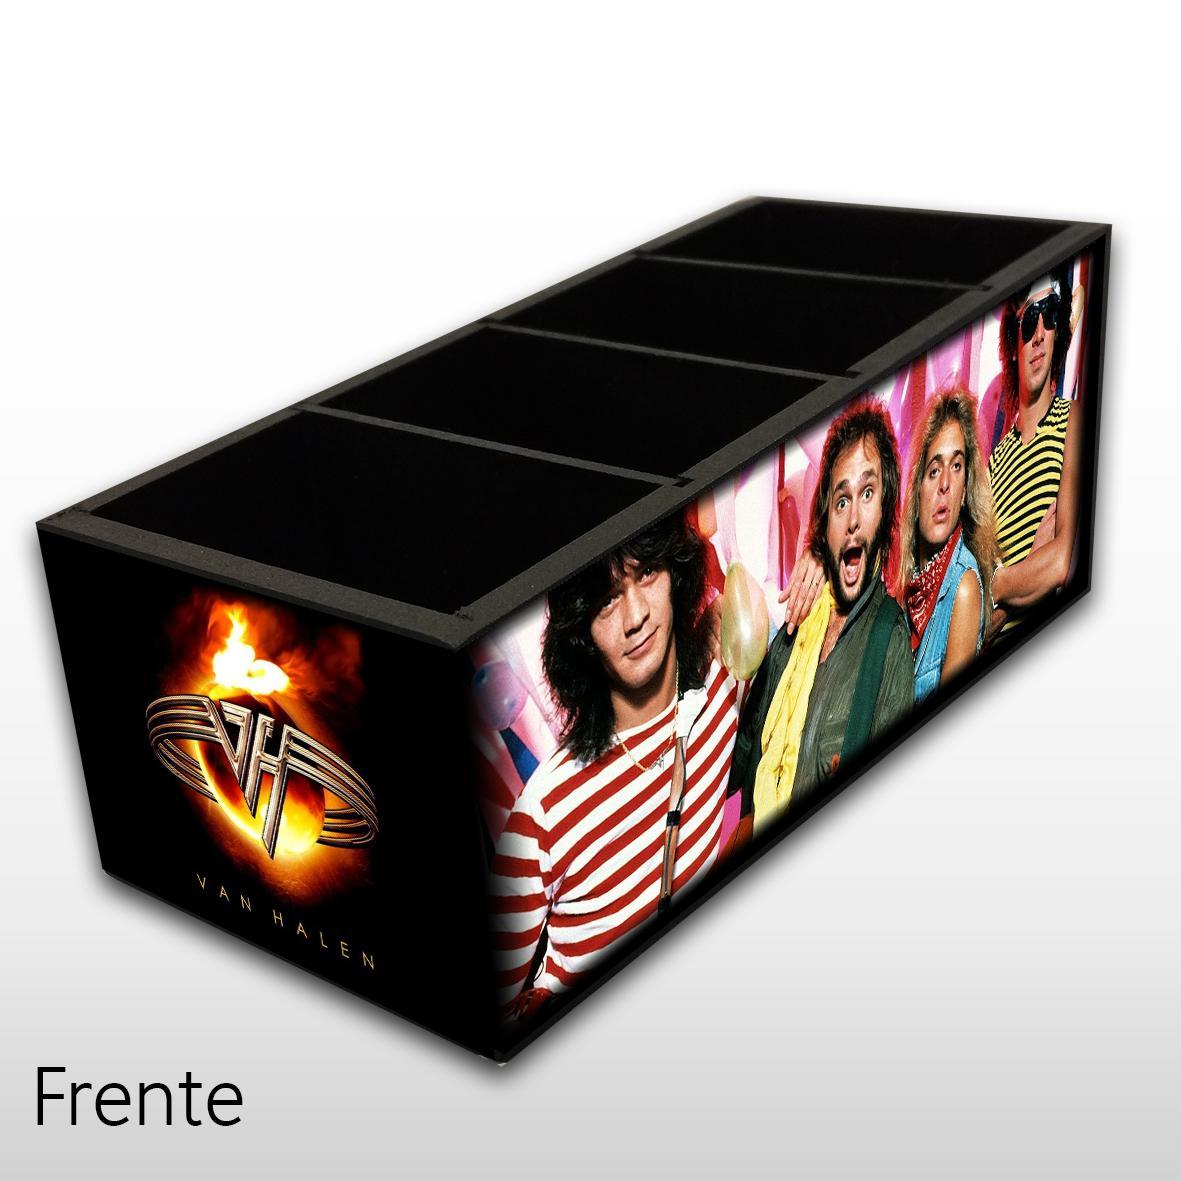 Van Halen - Porta Controles em Madeira MDF - 4 Espaços - Mr. Rock